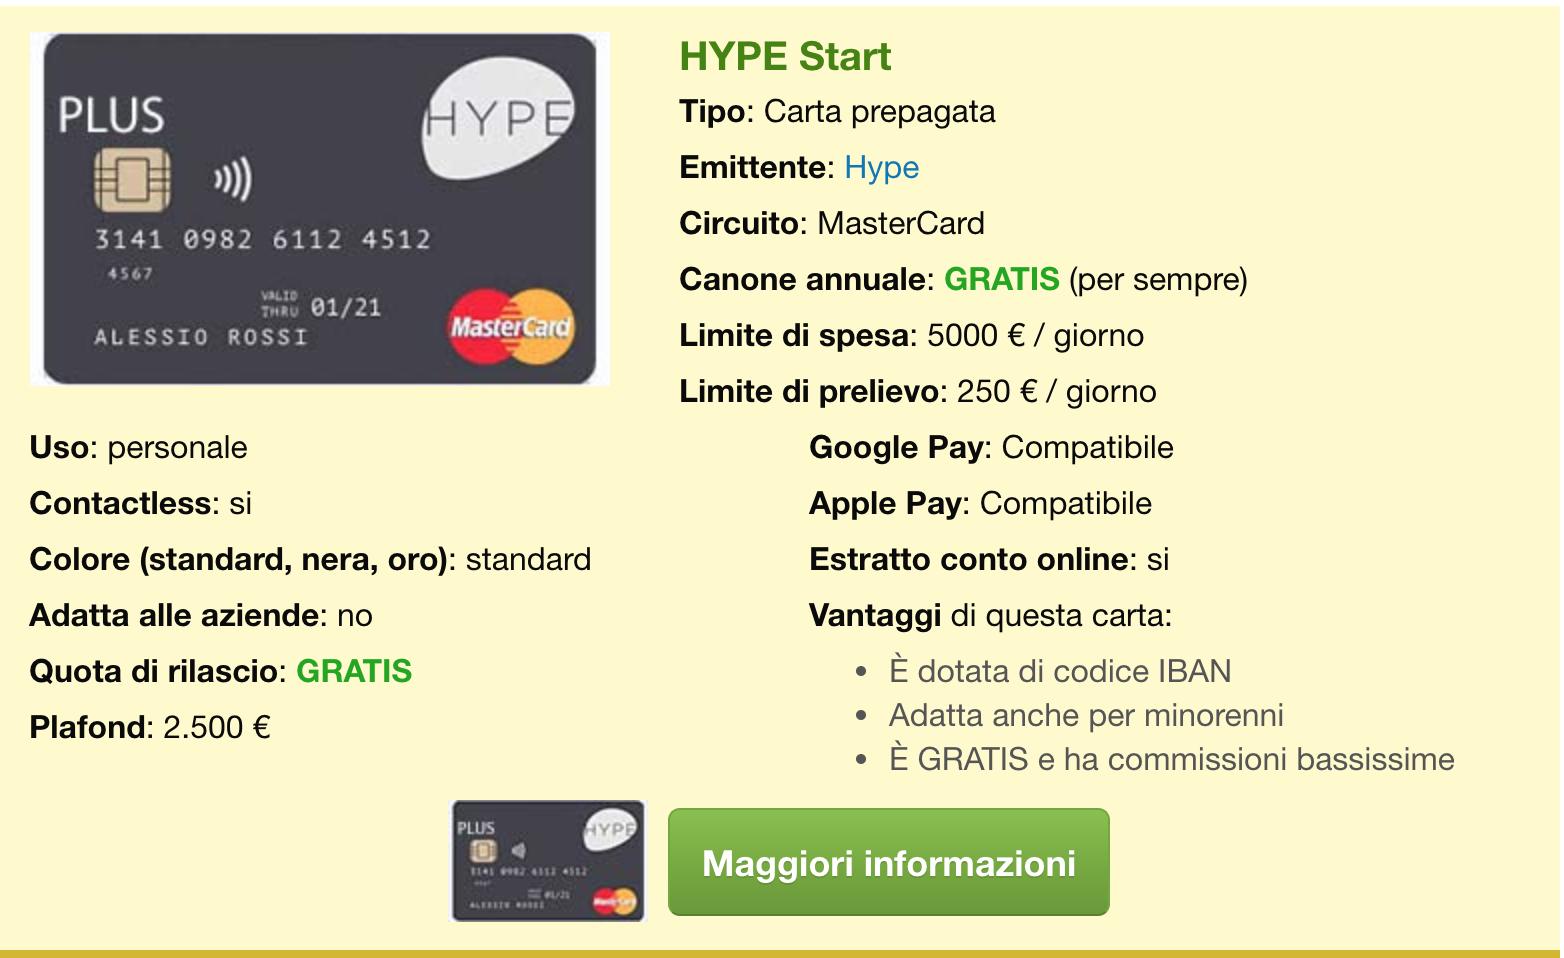 Carta prepagata HYPE - RECENSIONE